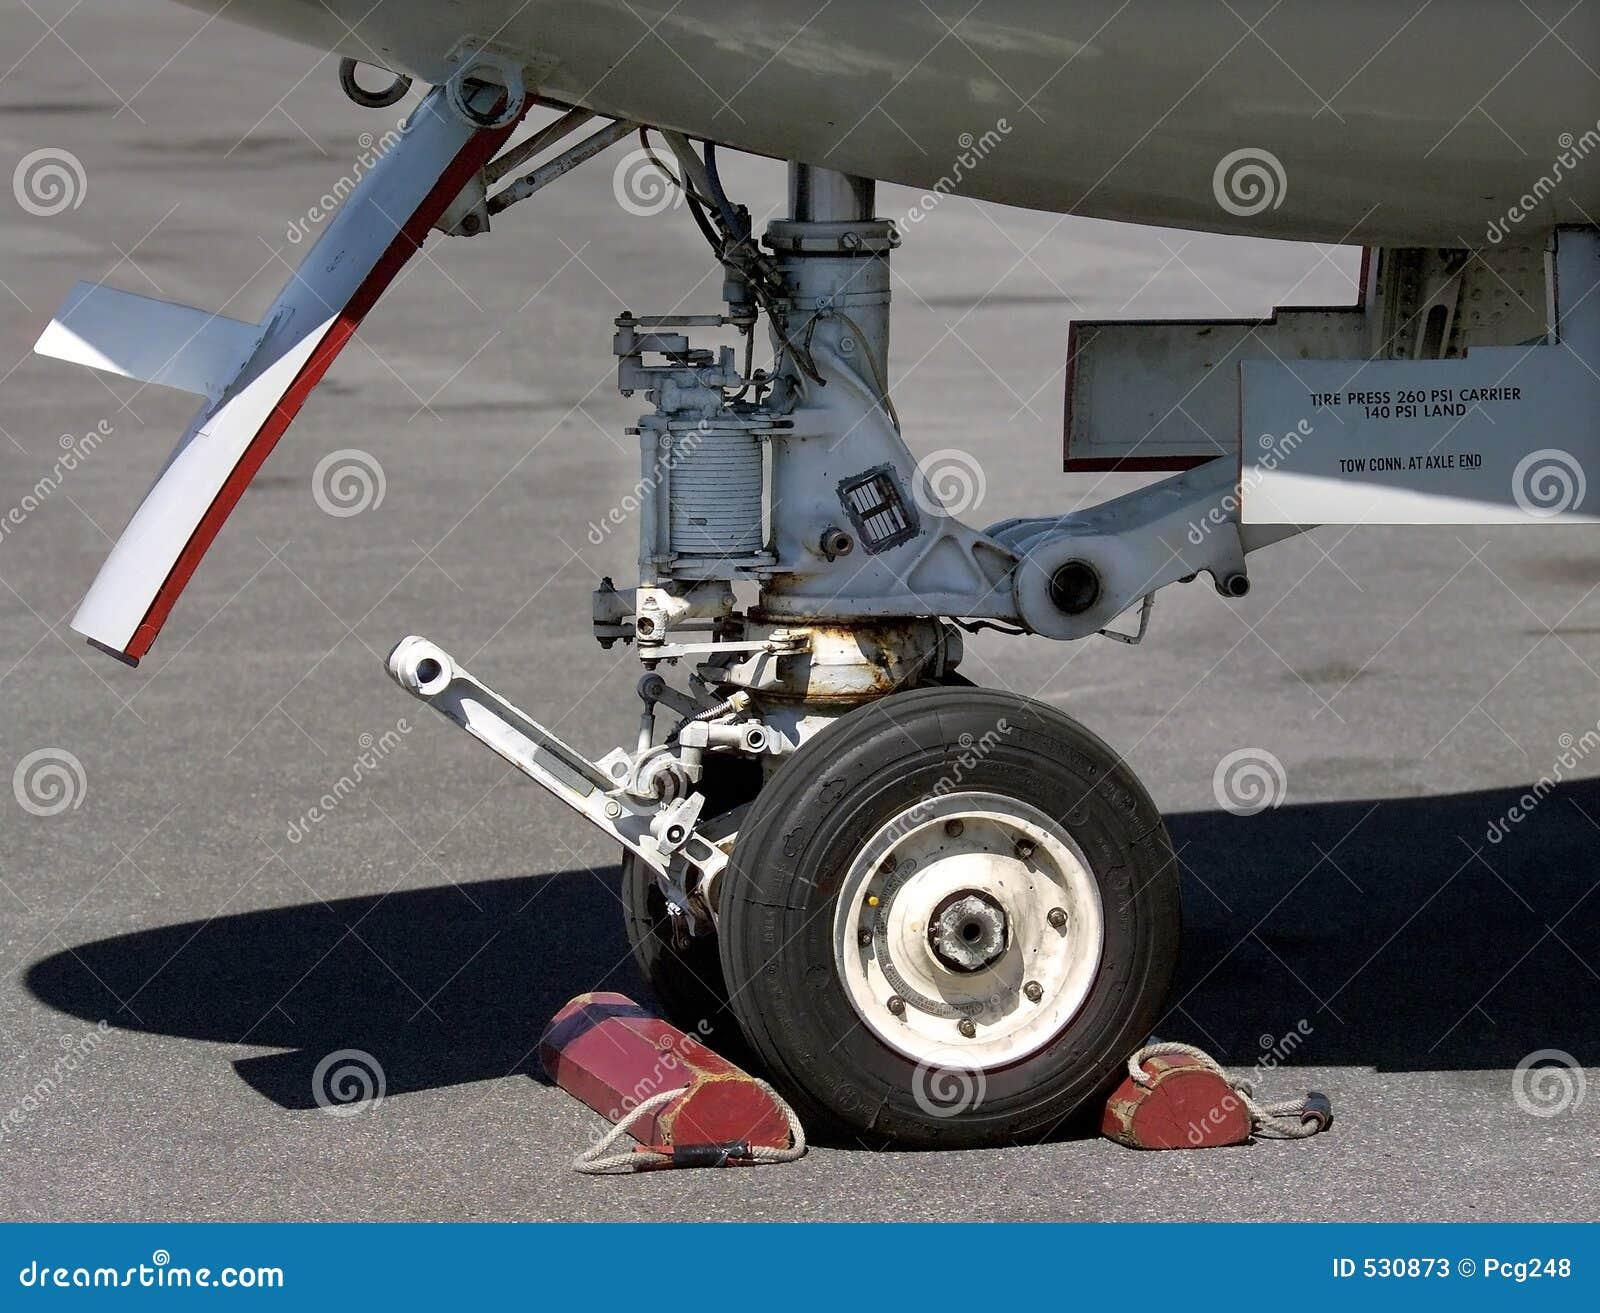 Download 齿轮着陆 库存图片. 图片 包括有 军事, 着陆, 海军, 齿轮, 机场, alameda, 轮胎, 飞机, 轮子 - 530873